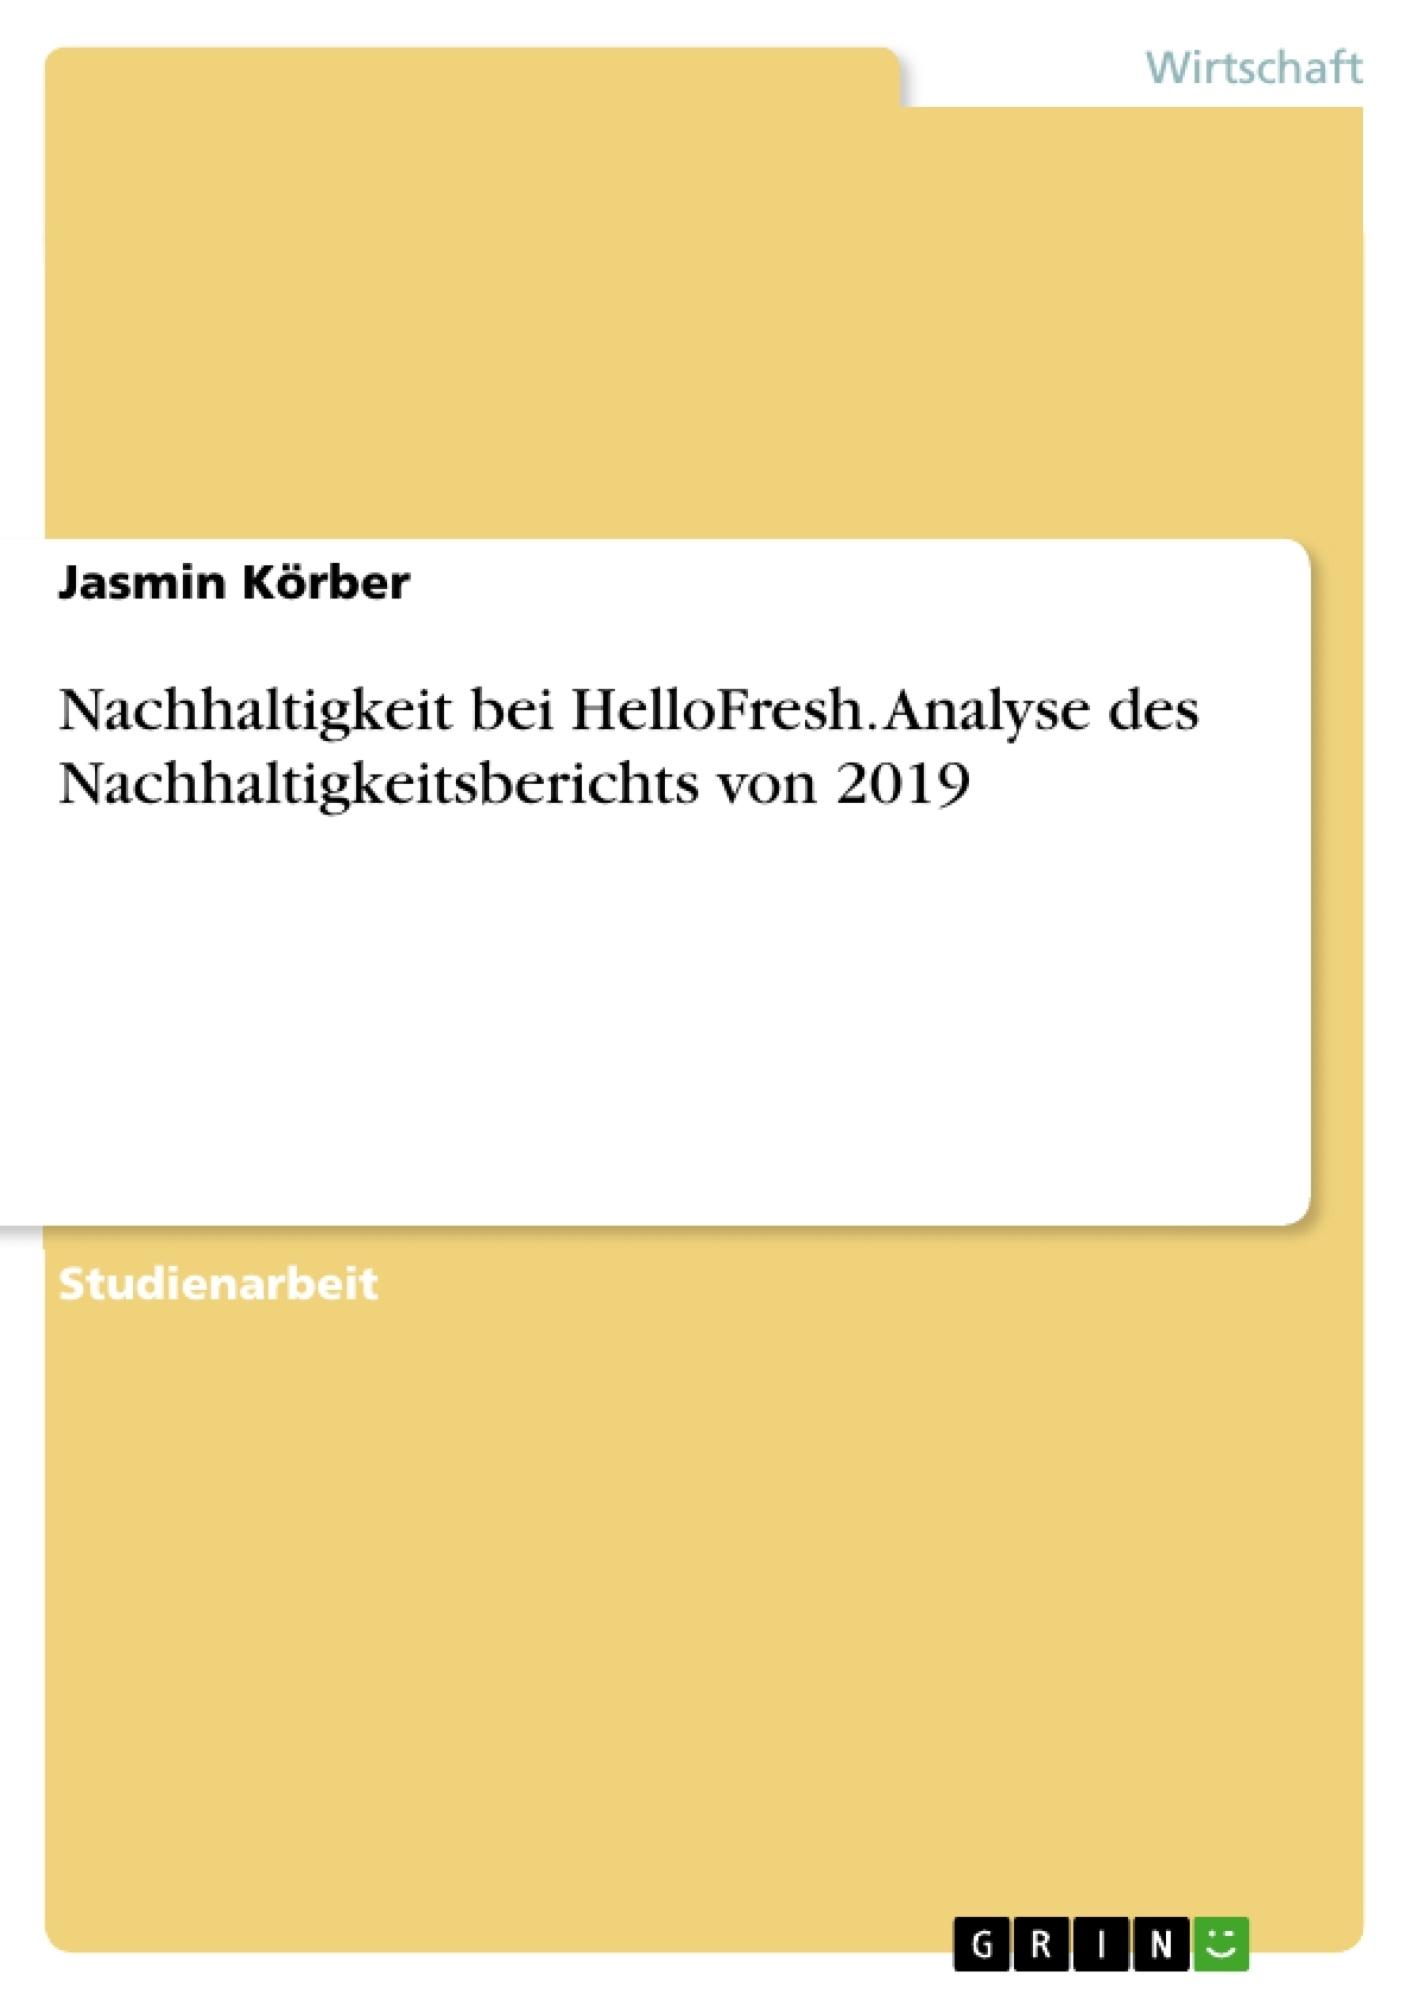 Titel: Nachhaltigkeit bei HelloFresh. Analyse des Nachhaltigkeitsberichts von 2019